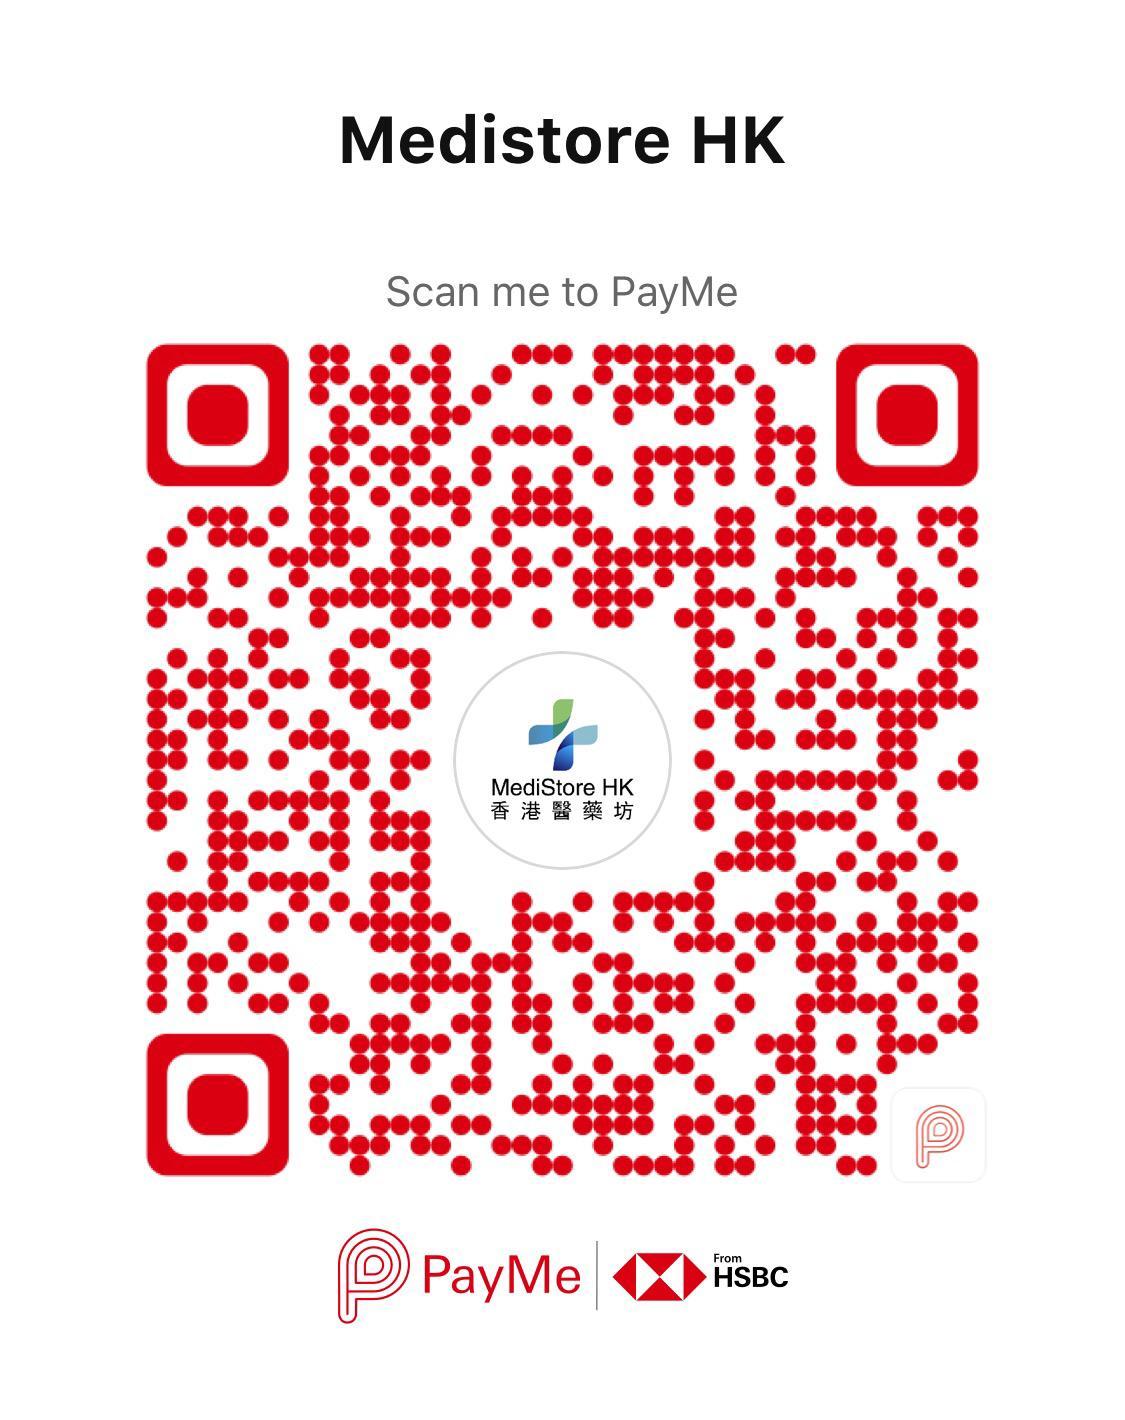 whatsapp-image-2020-12-12-at-17.54.05